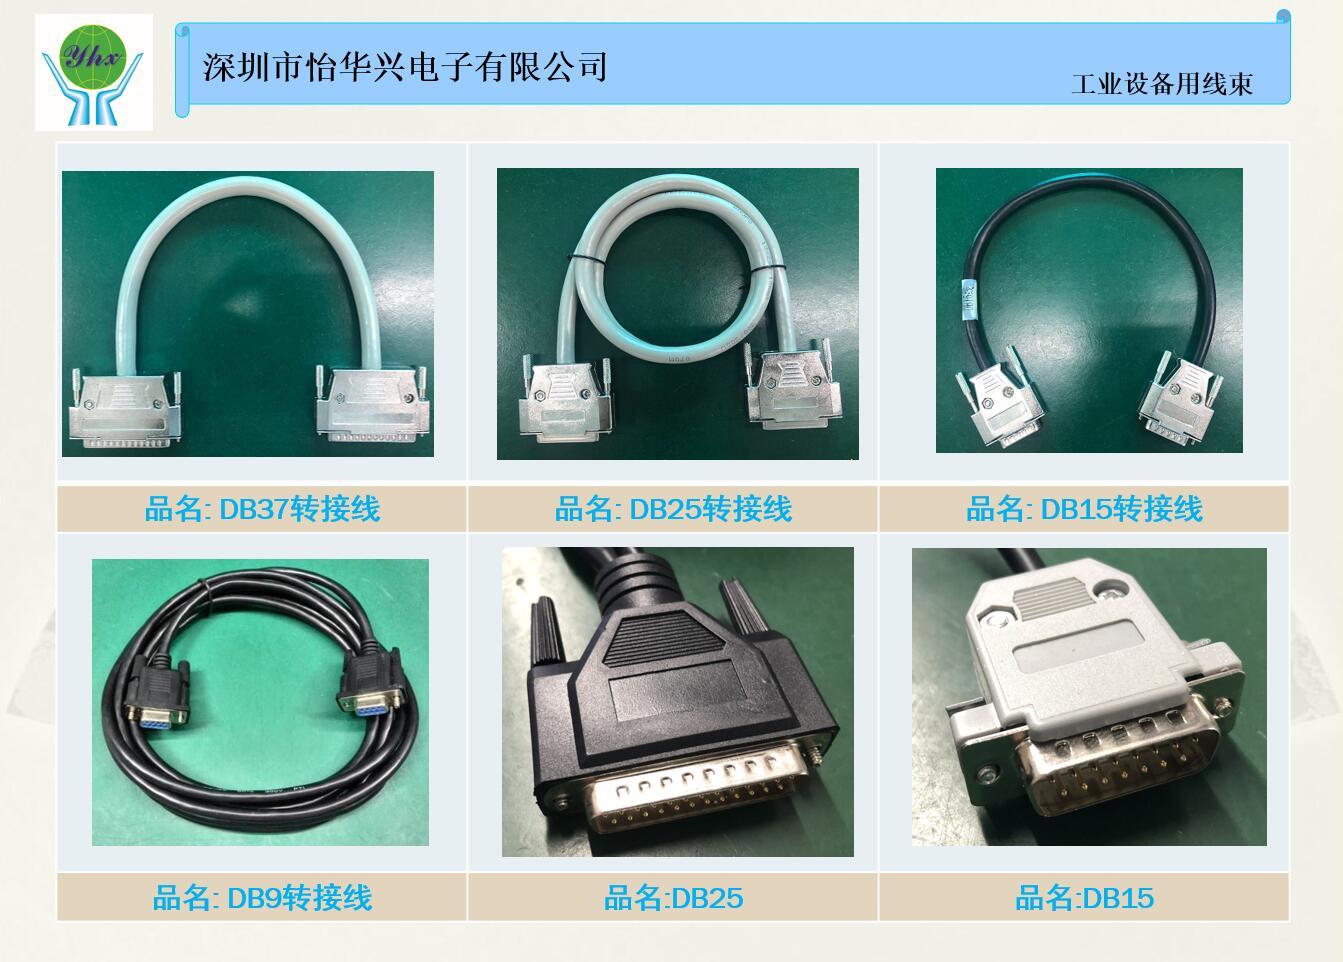 工控设备产品线束